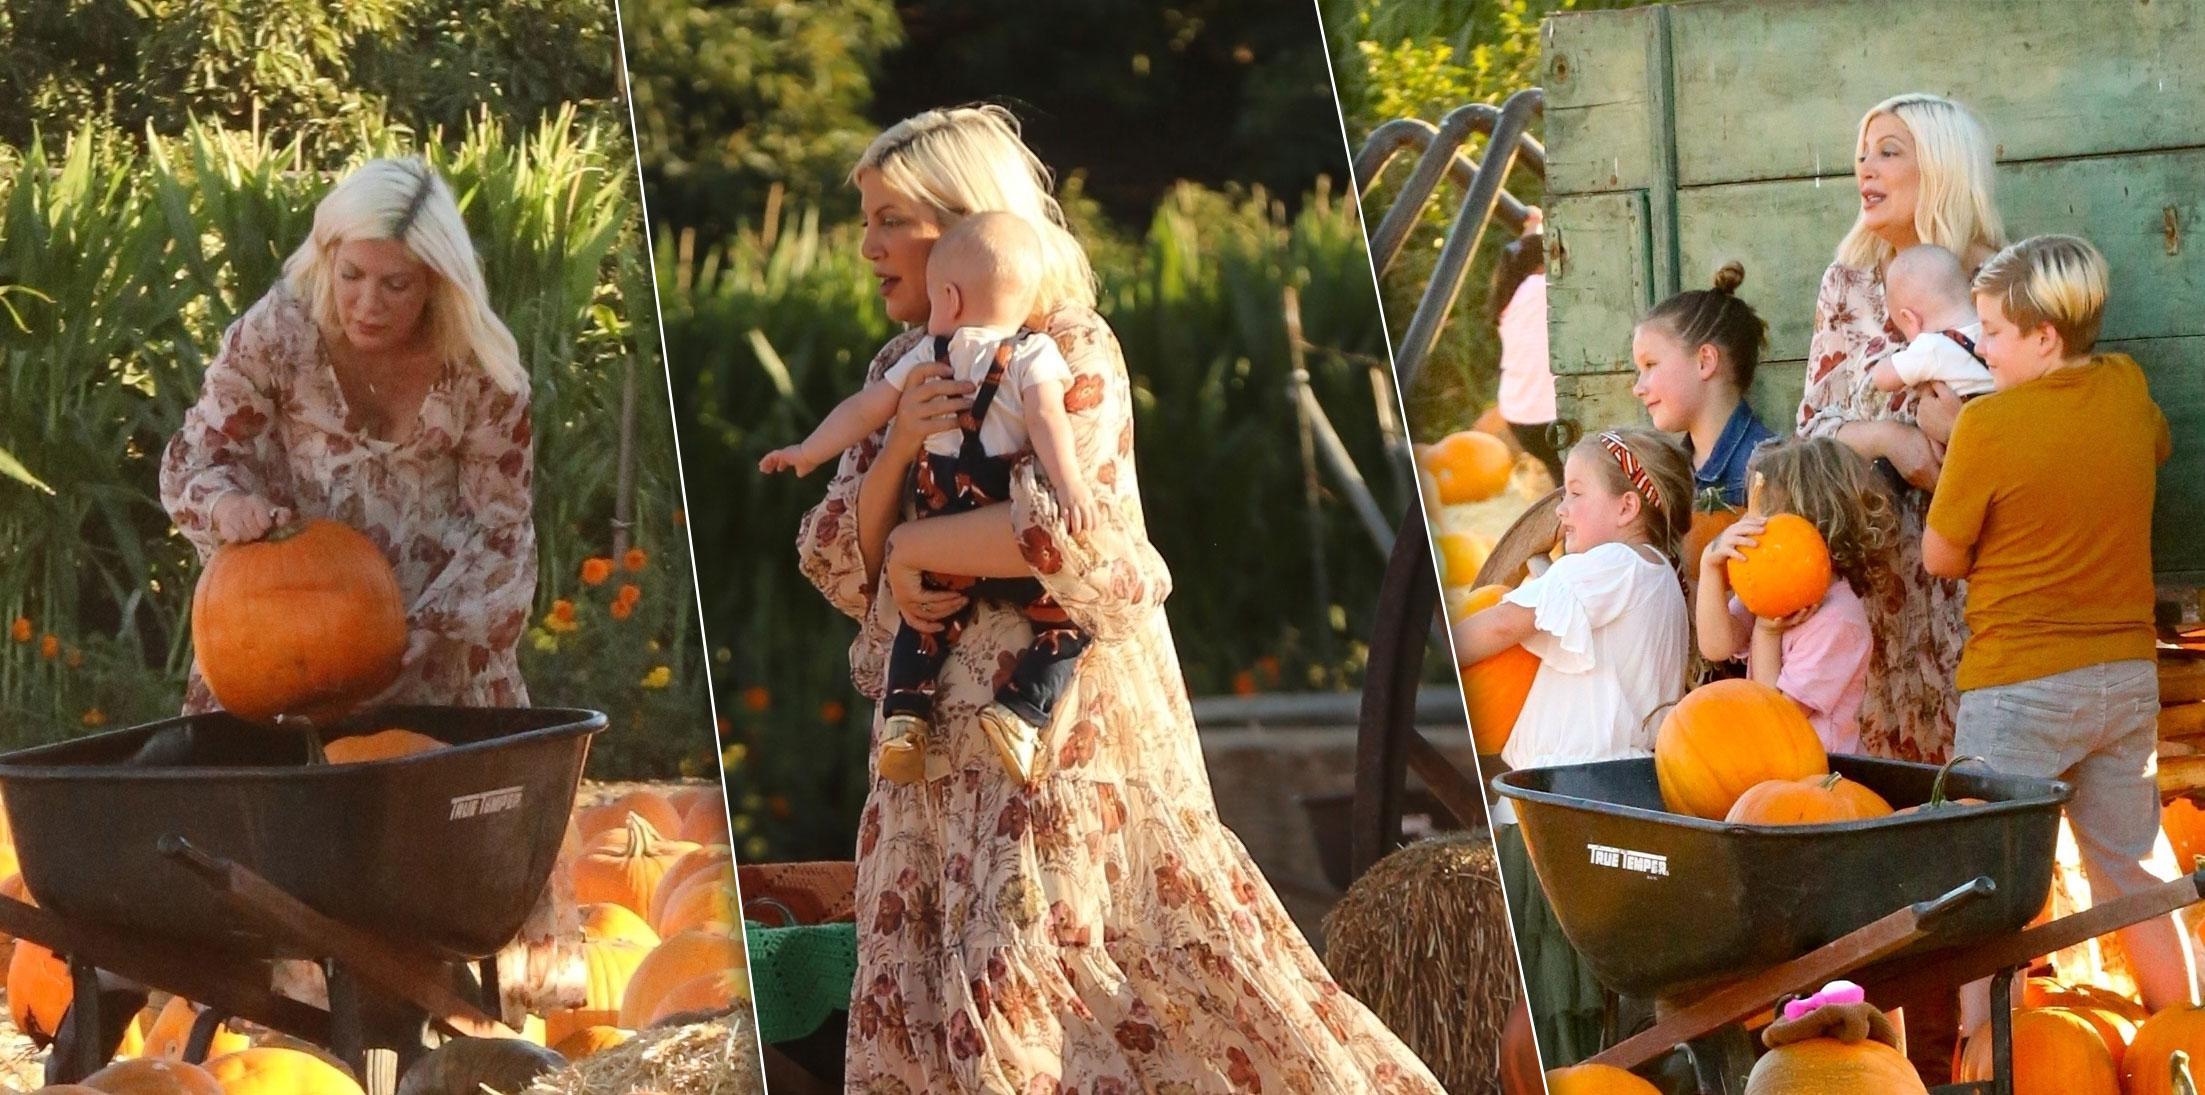 Tori Spelling Dean McDermott Kids Pumpkin Patch